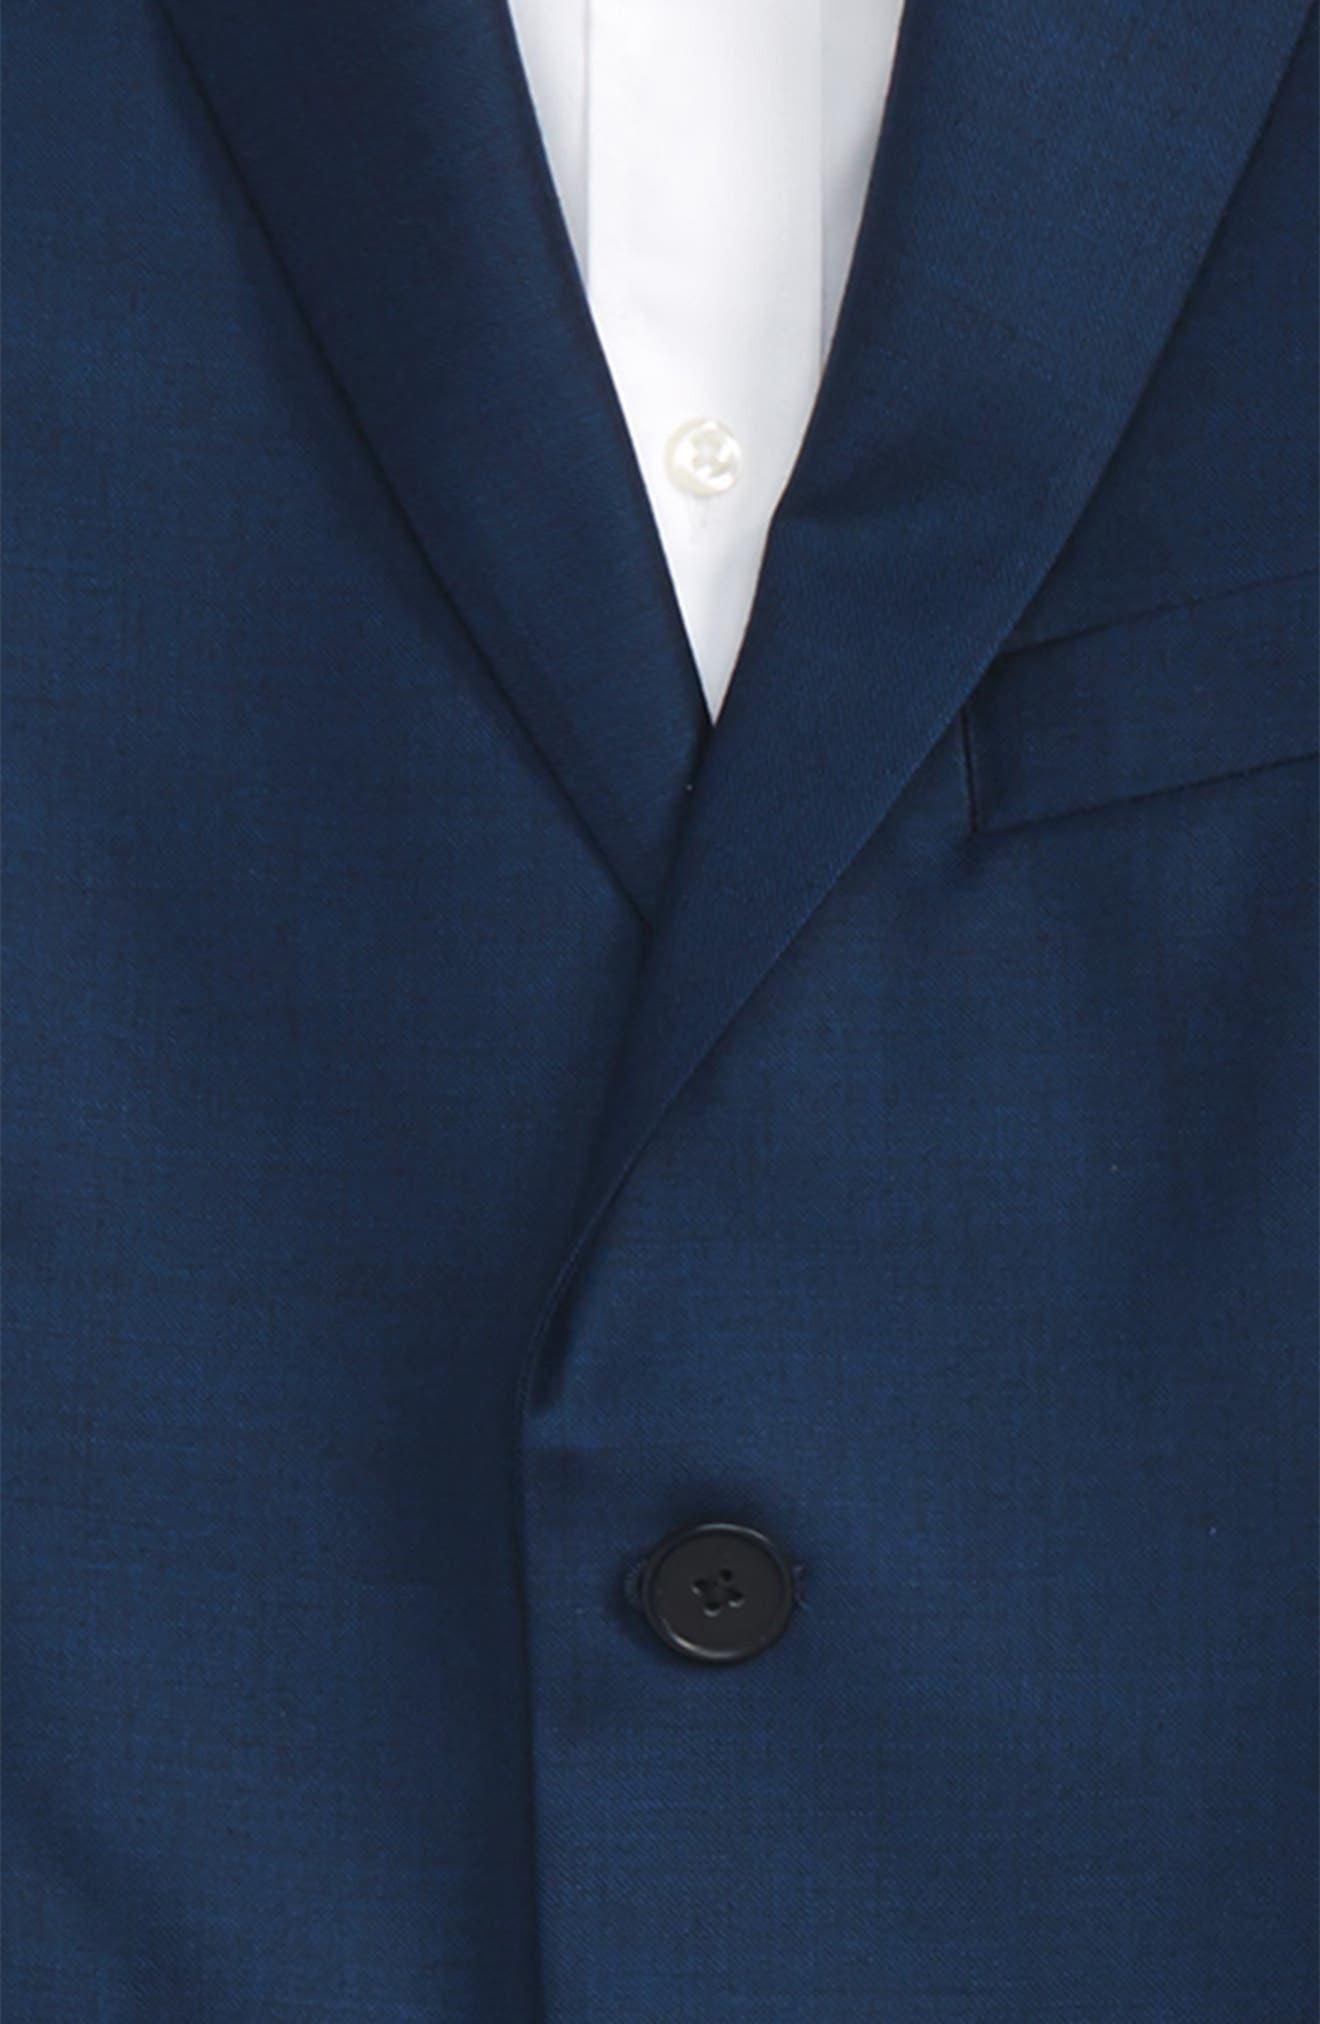 Wool Suit,                             Alternate thumbnail 2, color,                             409